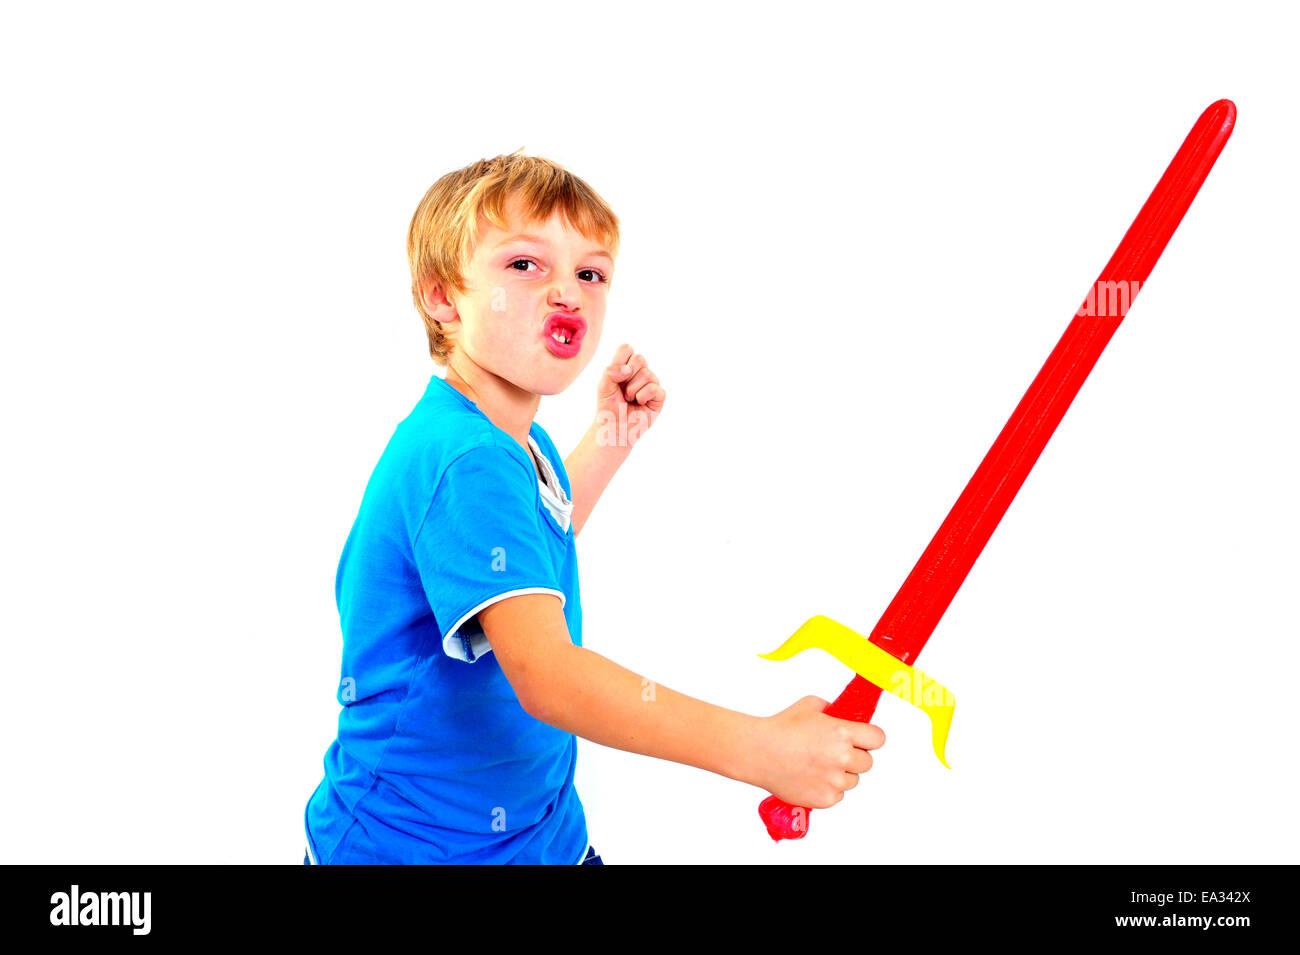 Un joven jugando con la espada sobre un fondo blanco. Foto de stock